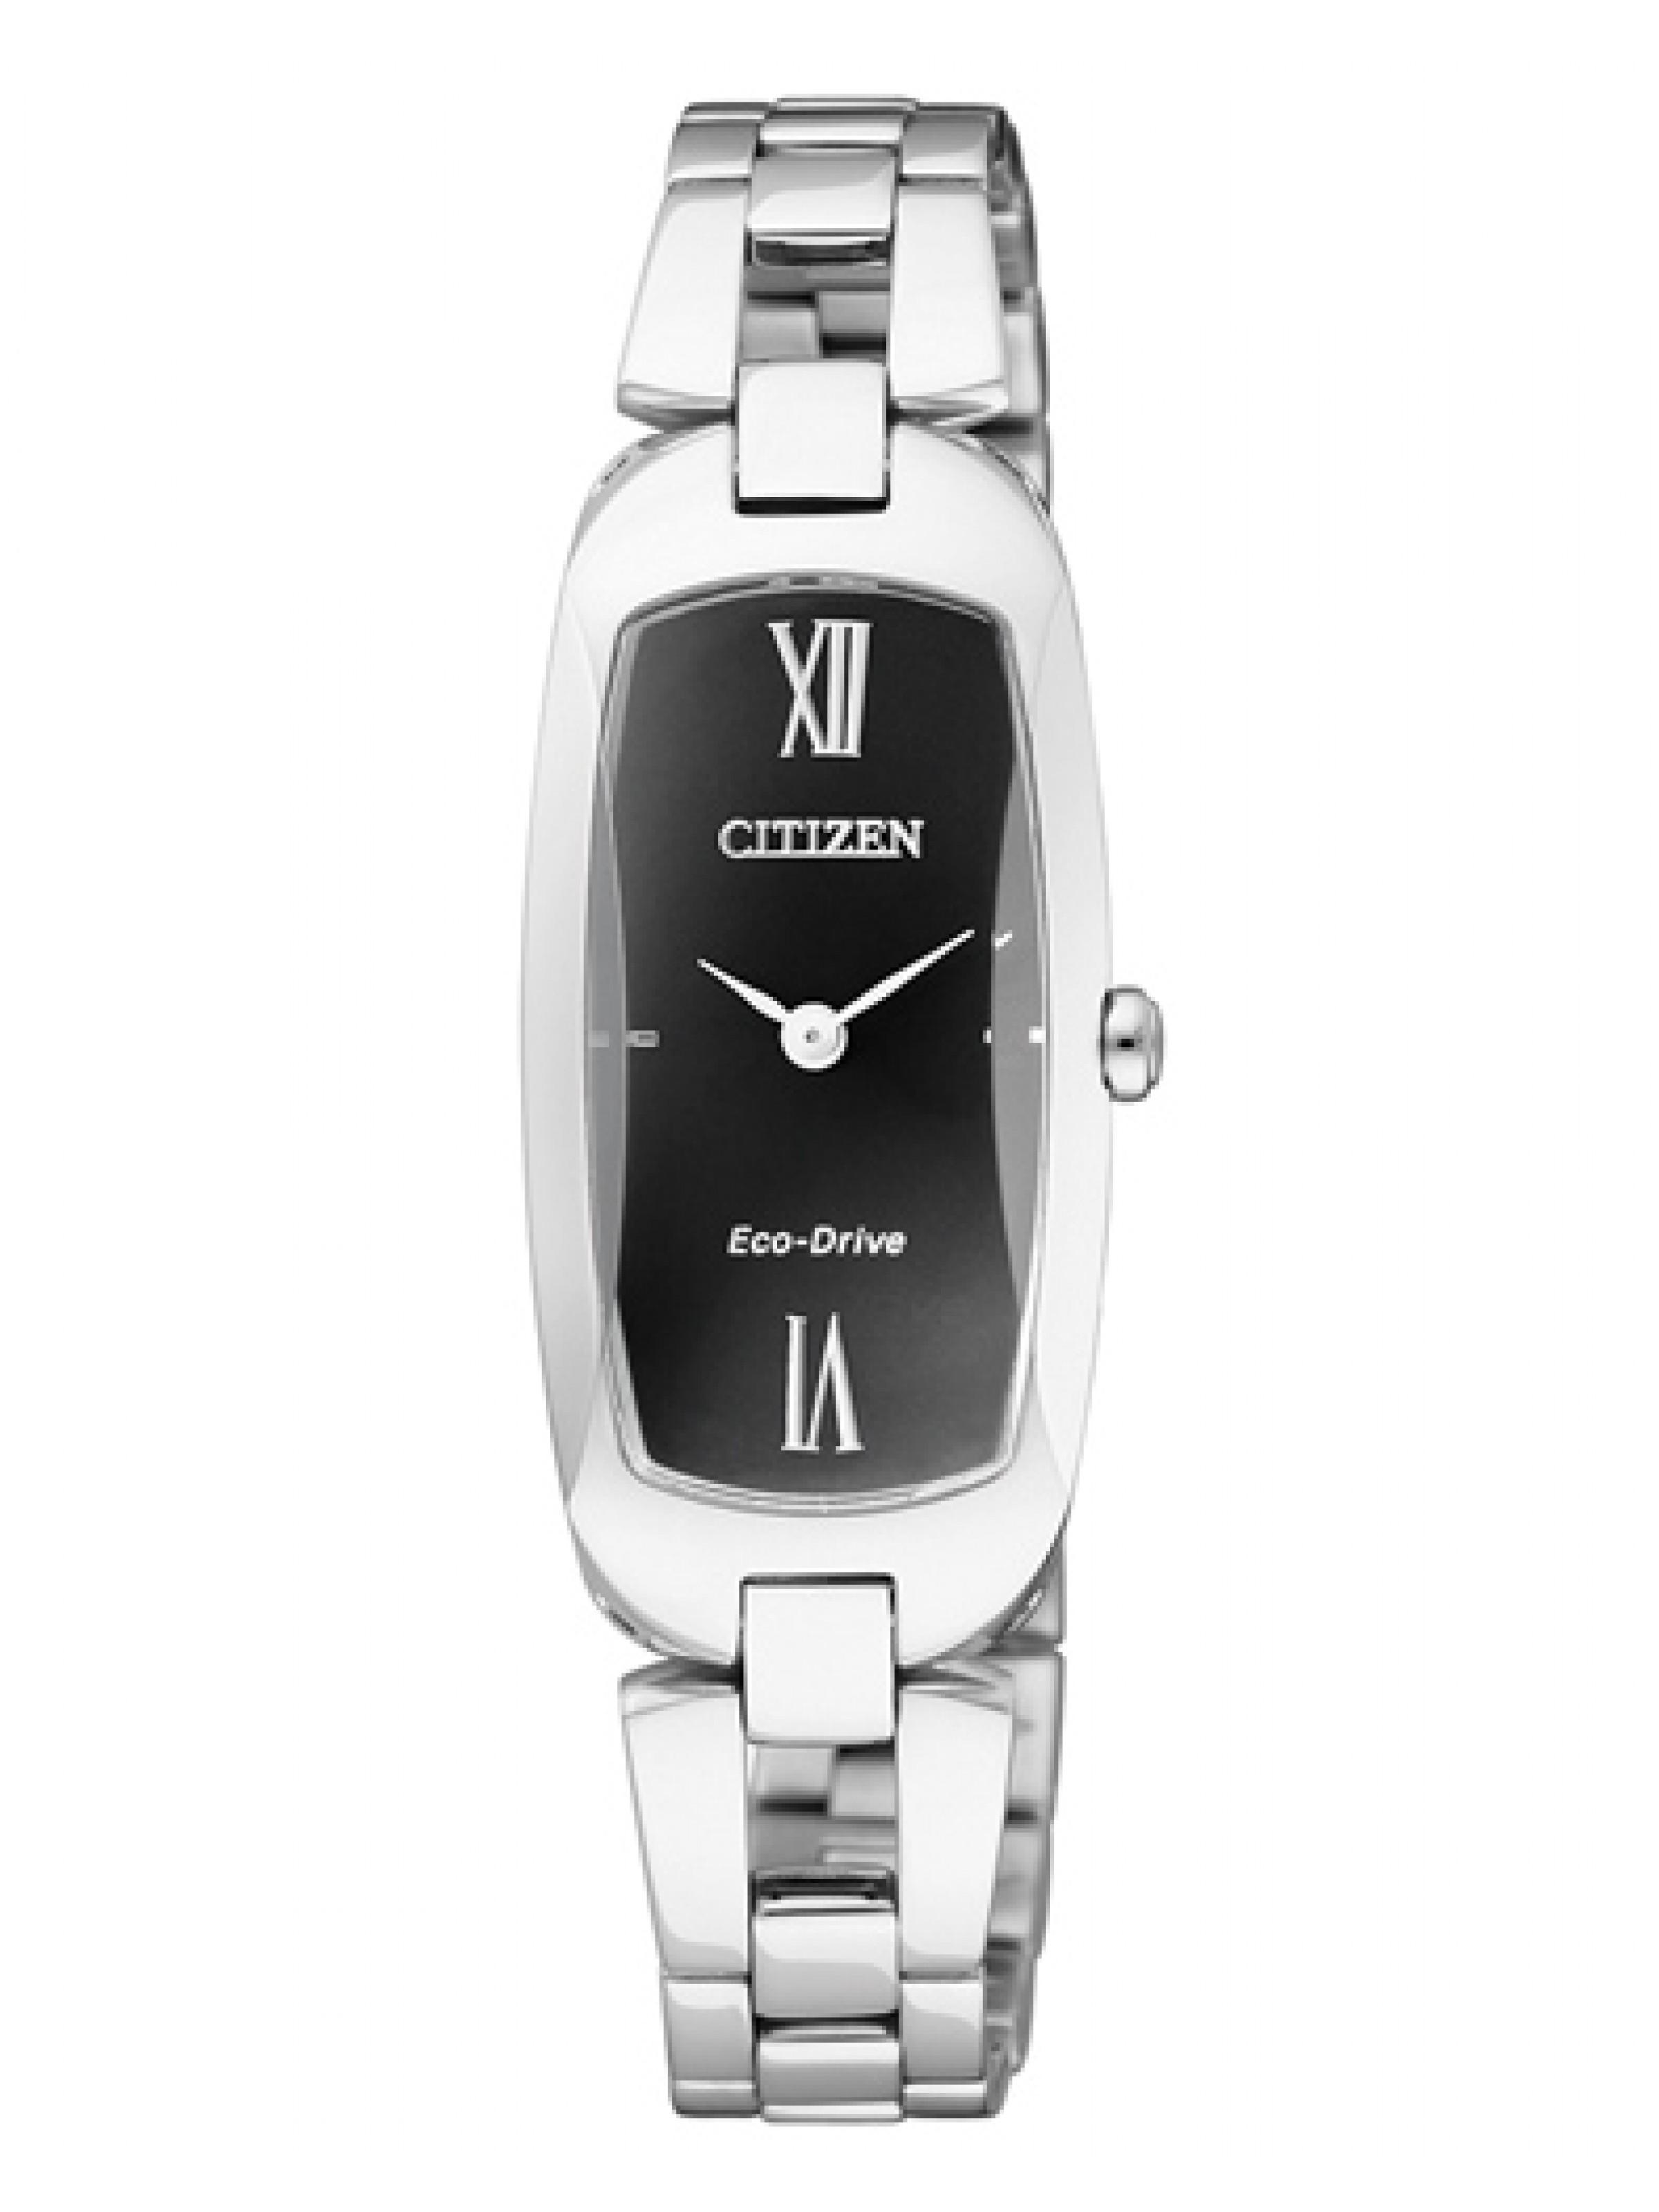 นาฬิกาข้อมือผู้หญิง Citizen Eco-Drive รุ่น EX1100-51E, Analog Black Dial